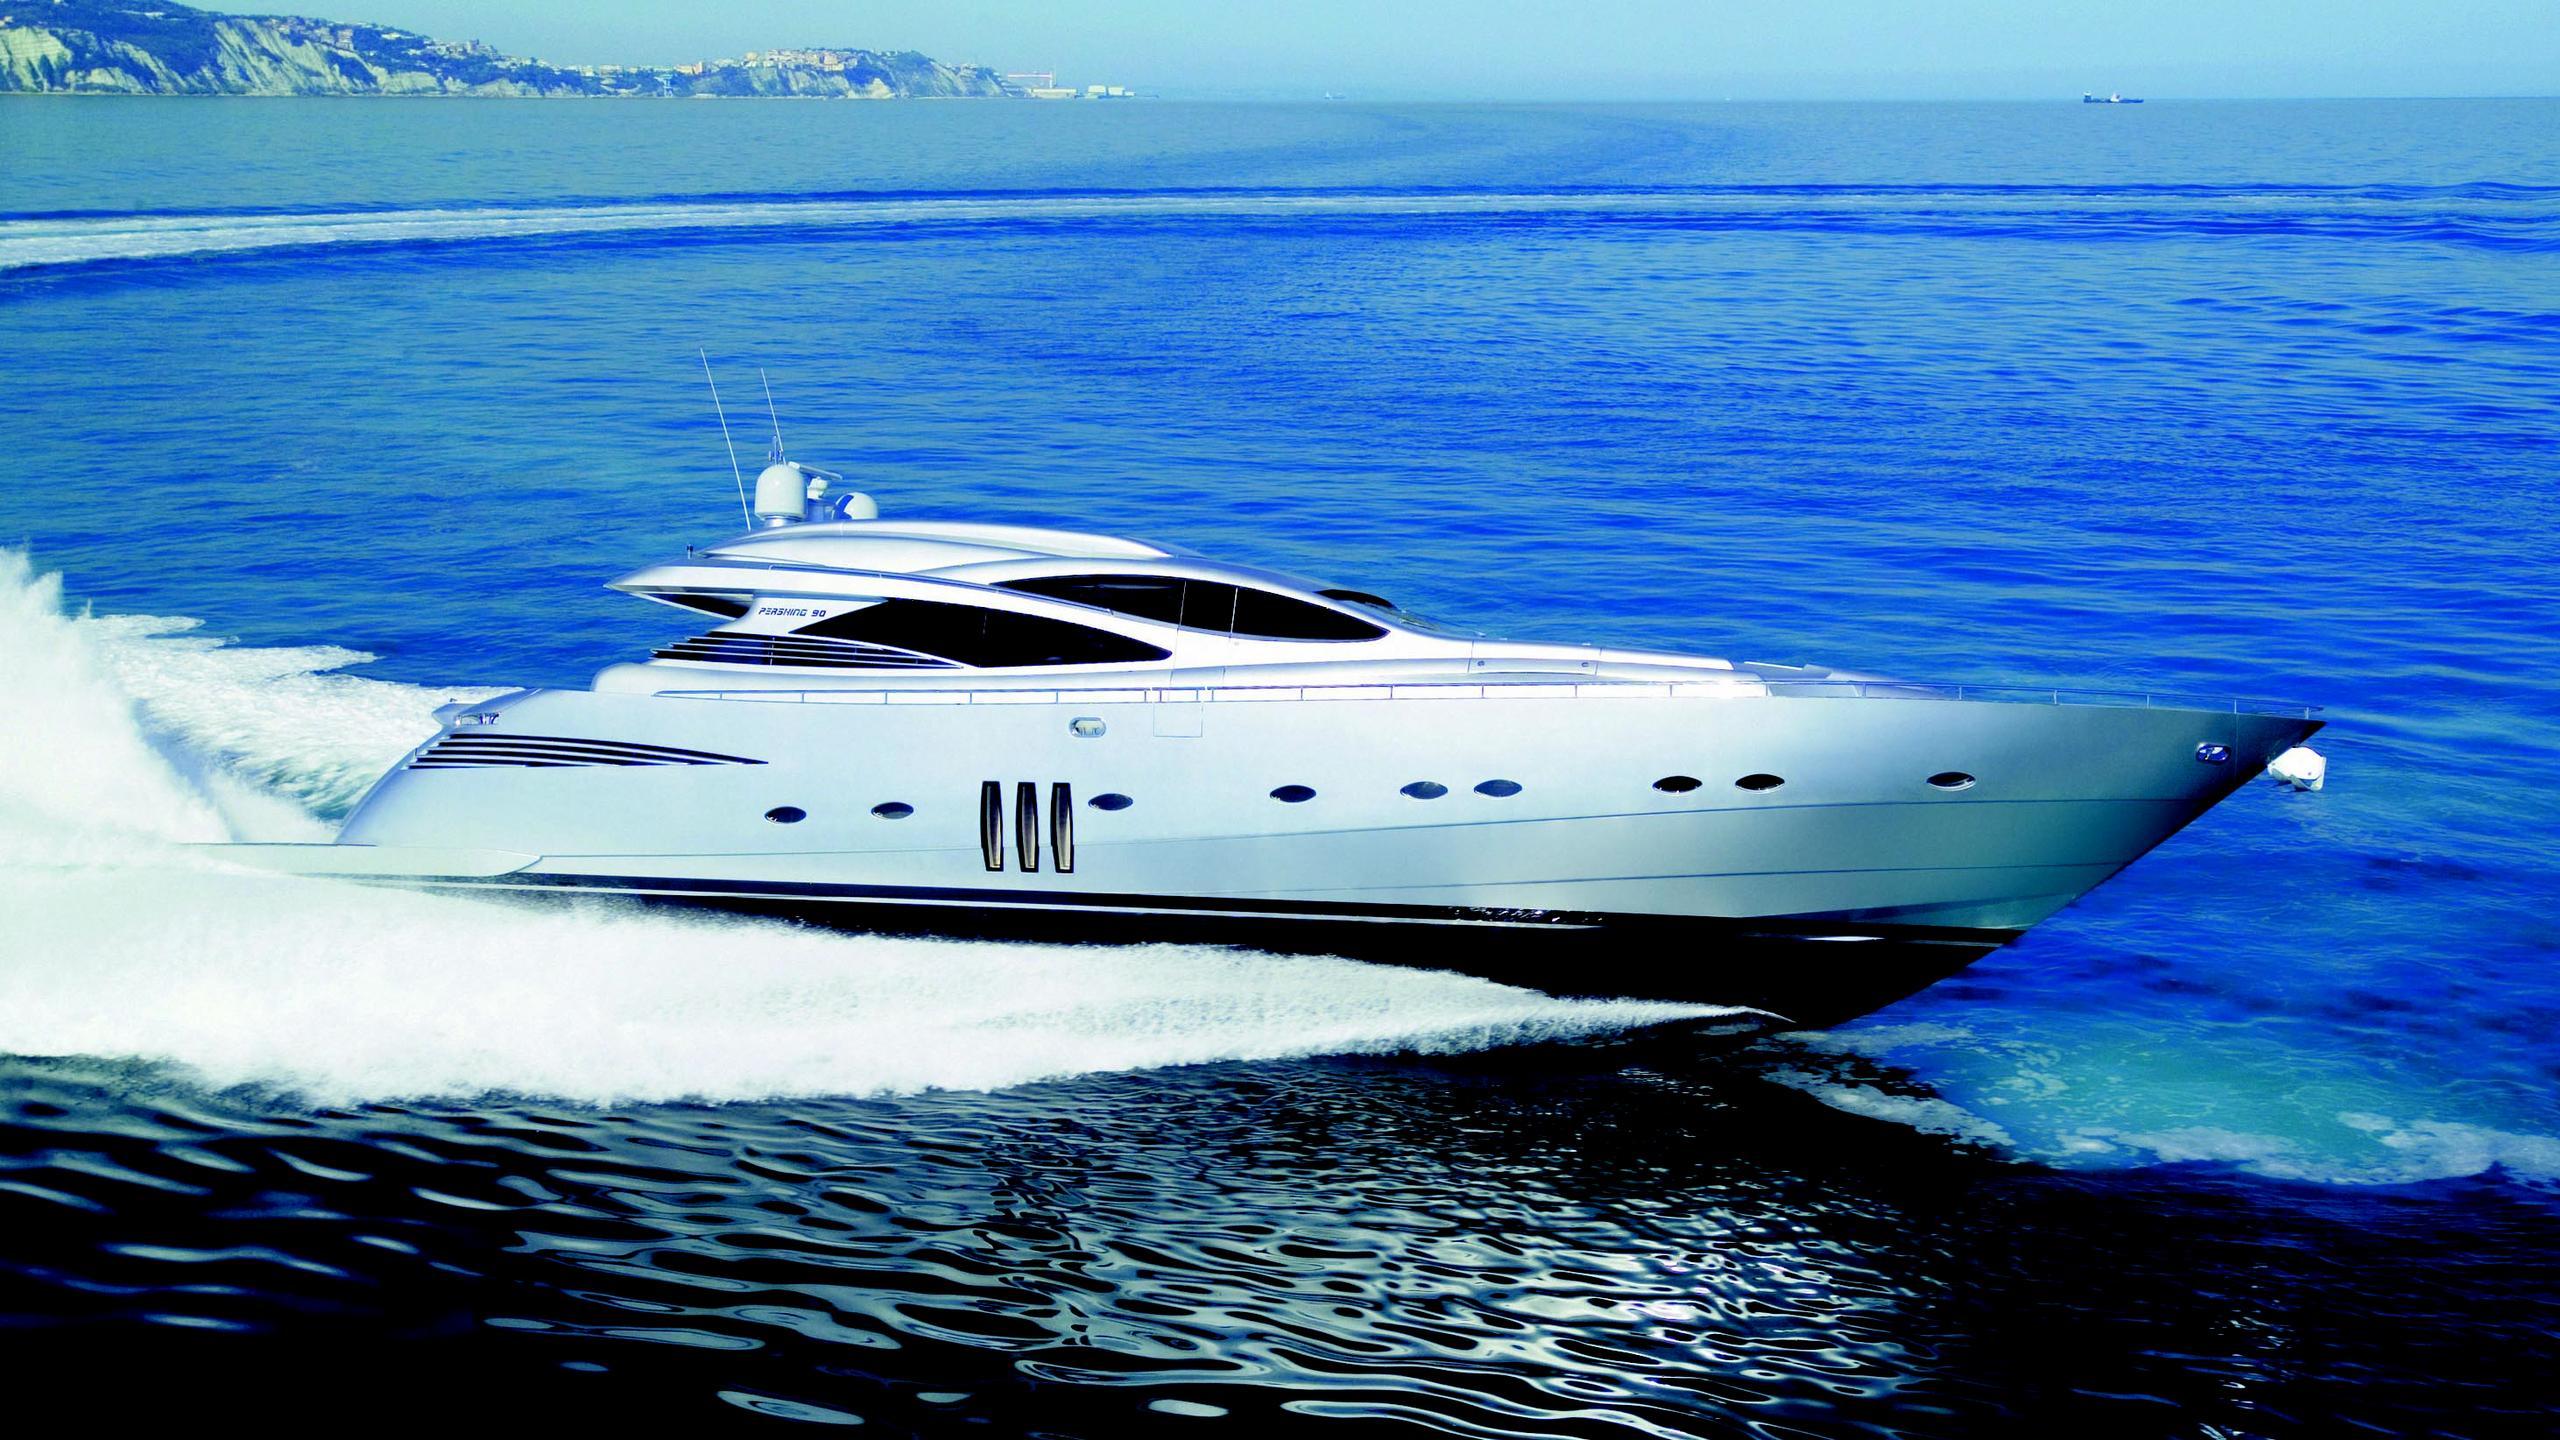 pershing-90-12-motor-yacht-2007-27m-cruising